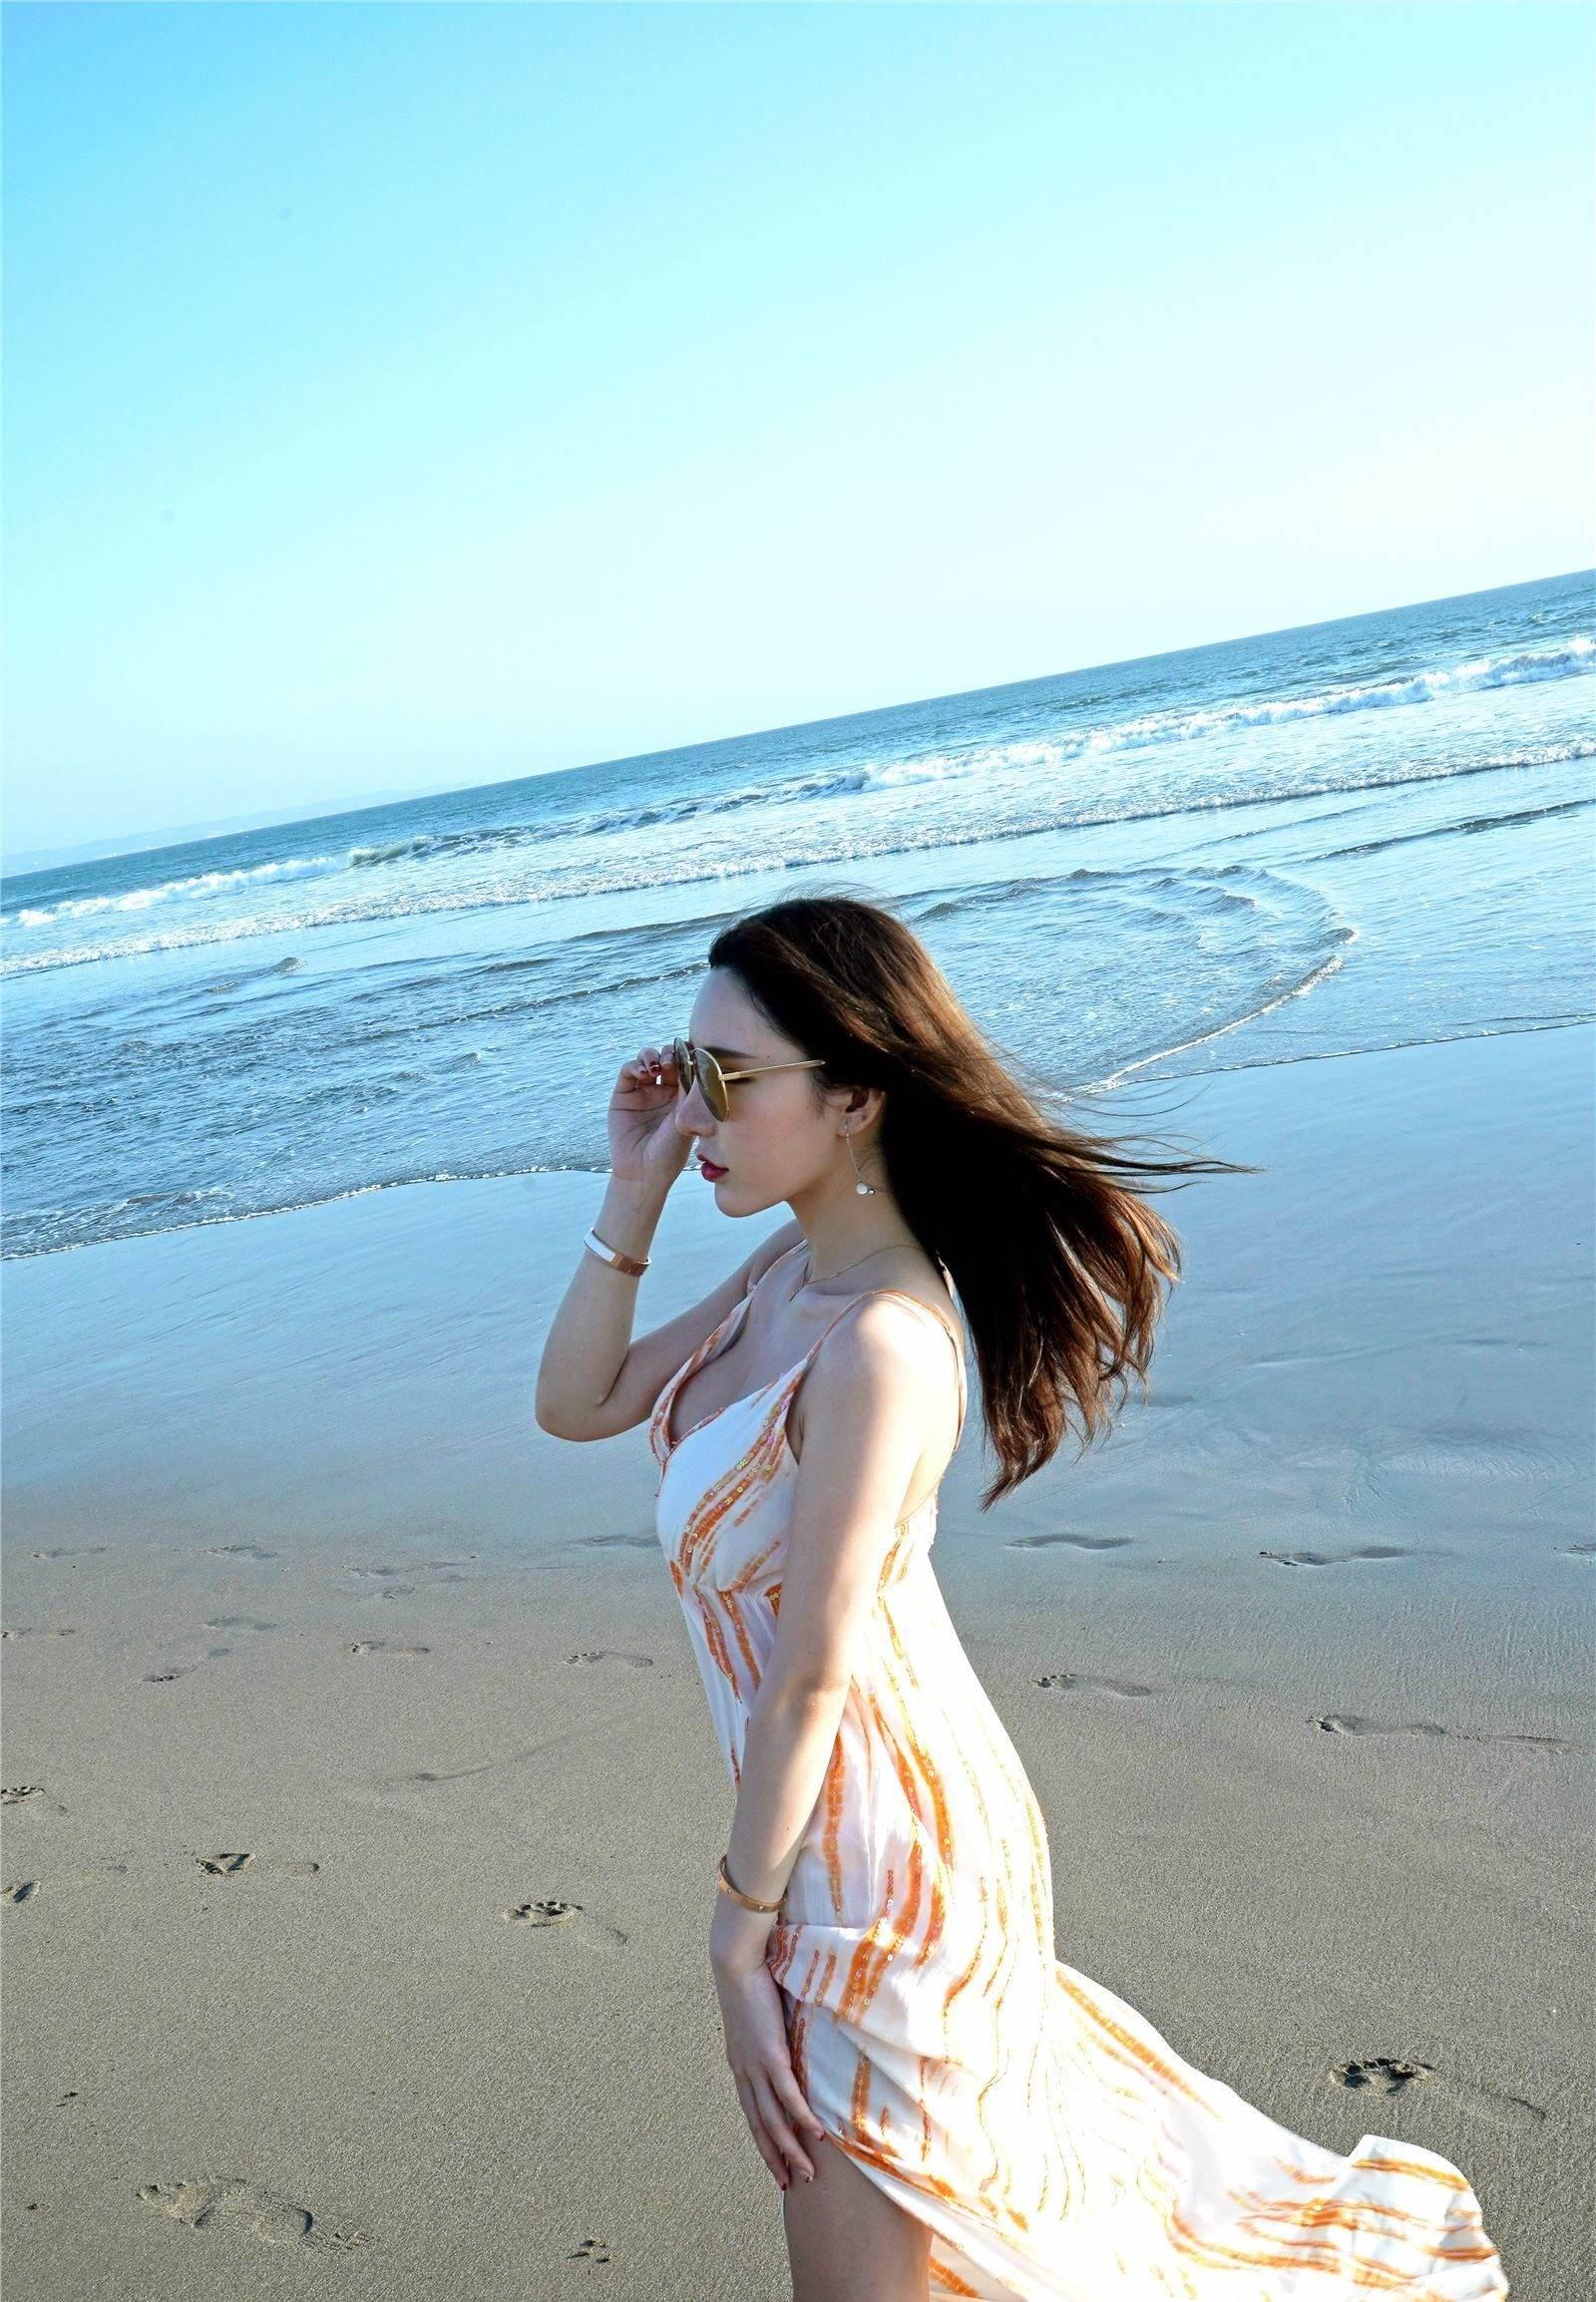 第13期沙滩漫步周于希(比基尼,裸足,裙子)_图片5